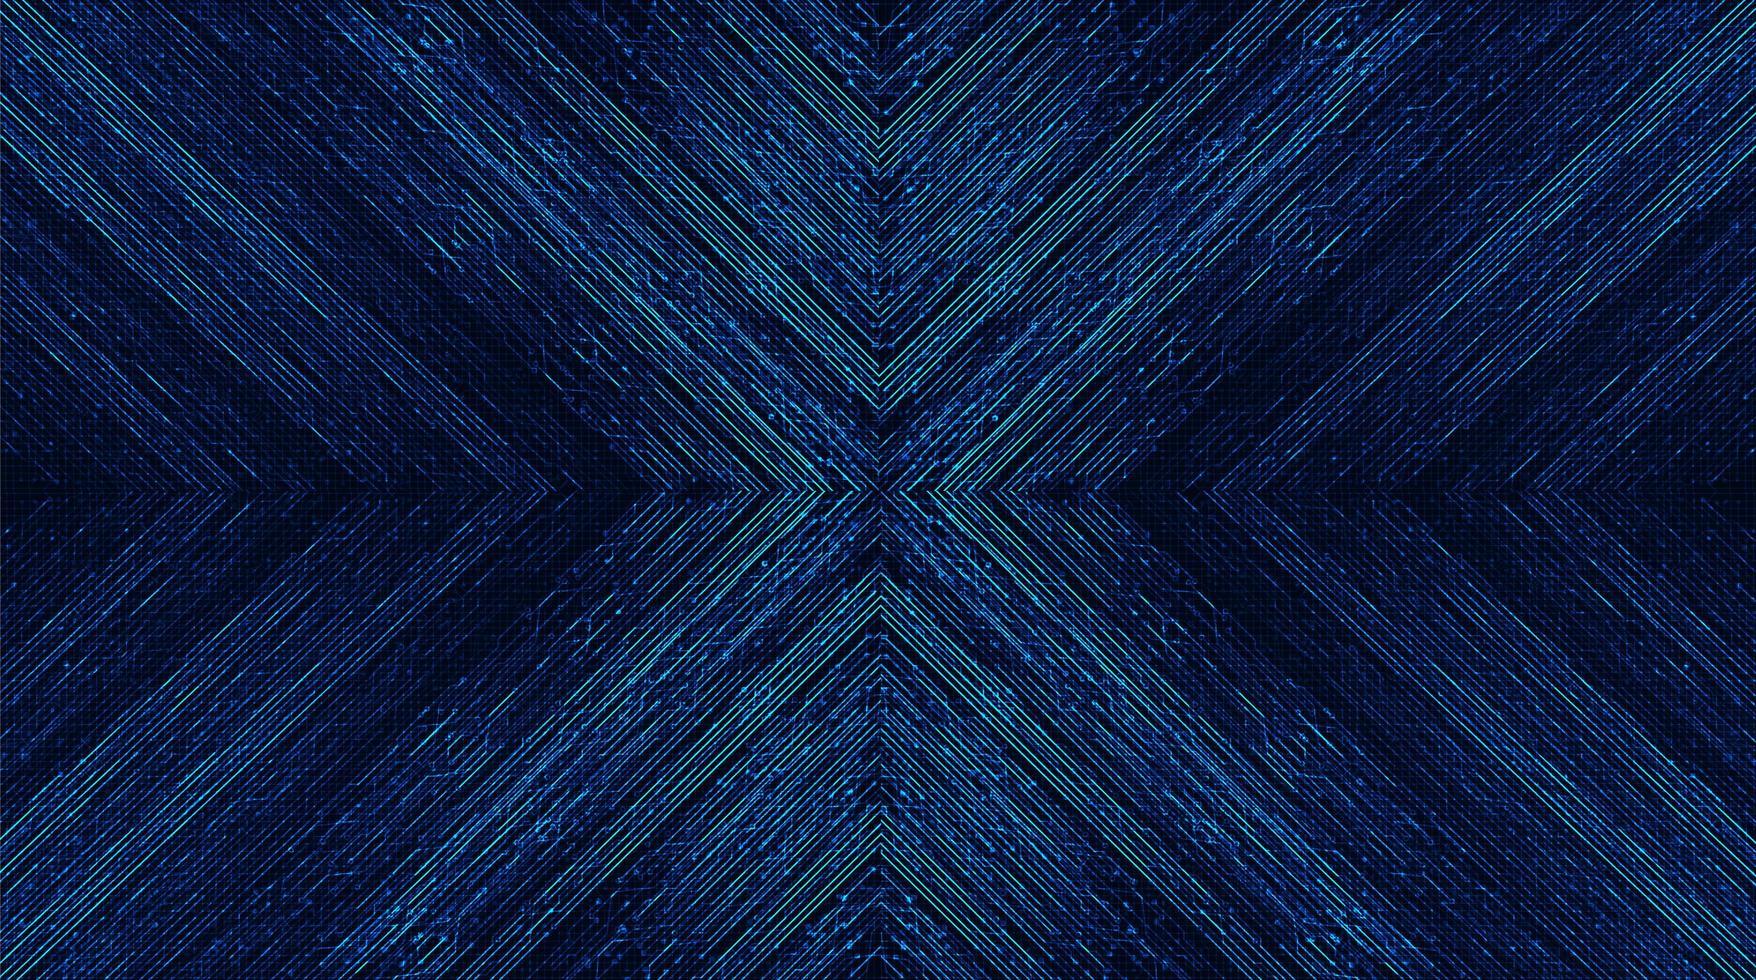 Abstrakt bakgrund för pilhastighetskretsteknologi. vektor